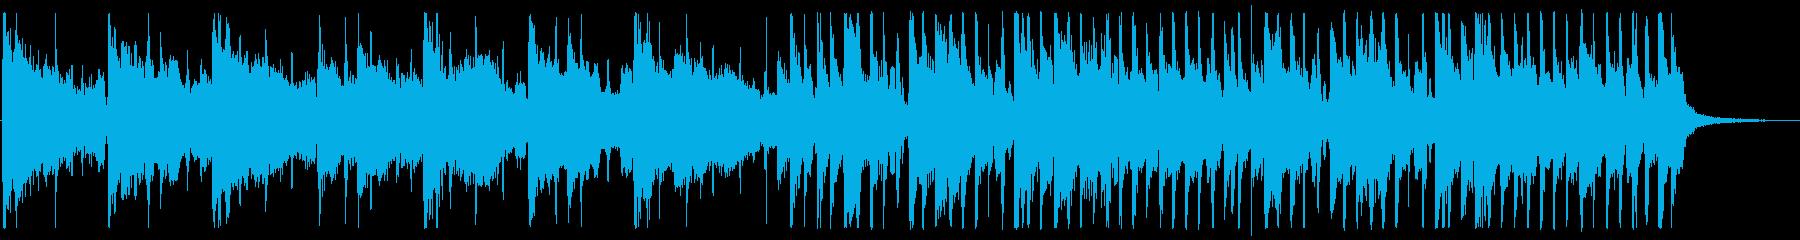 爽やか/優しさ/R&B_No470_4の再生済みの波形